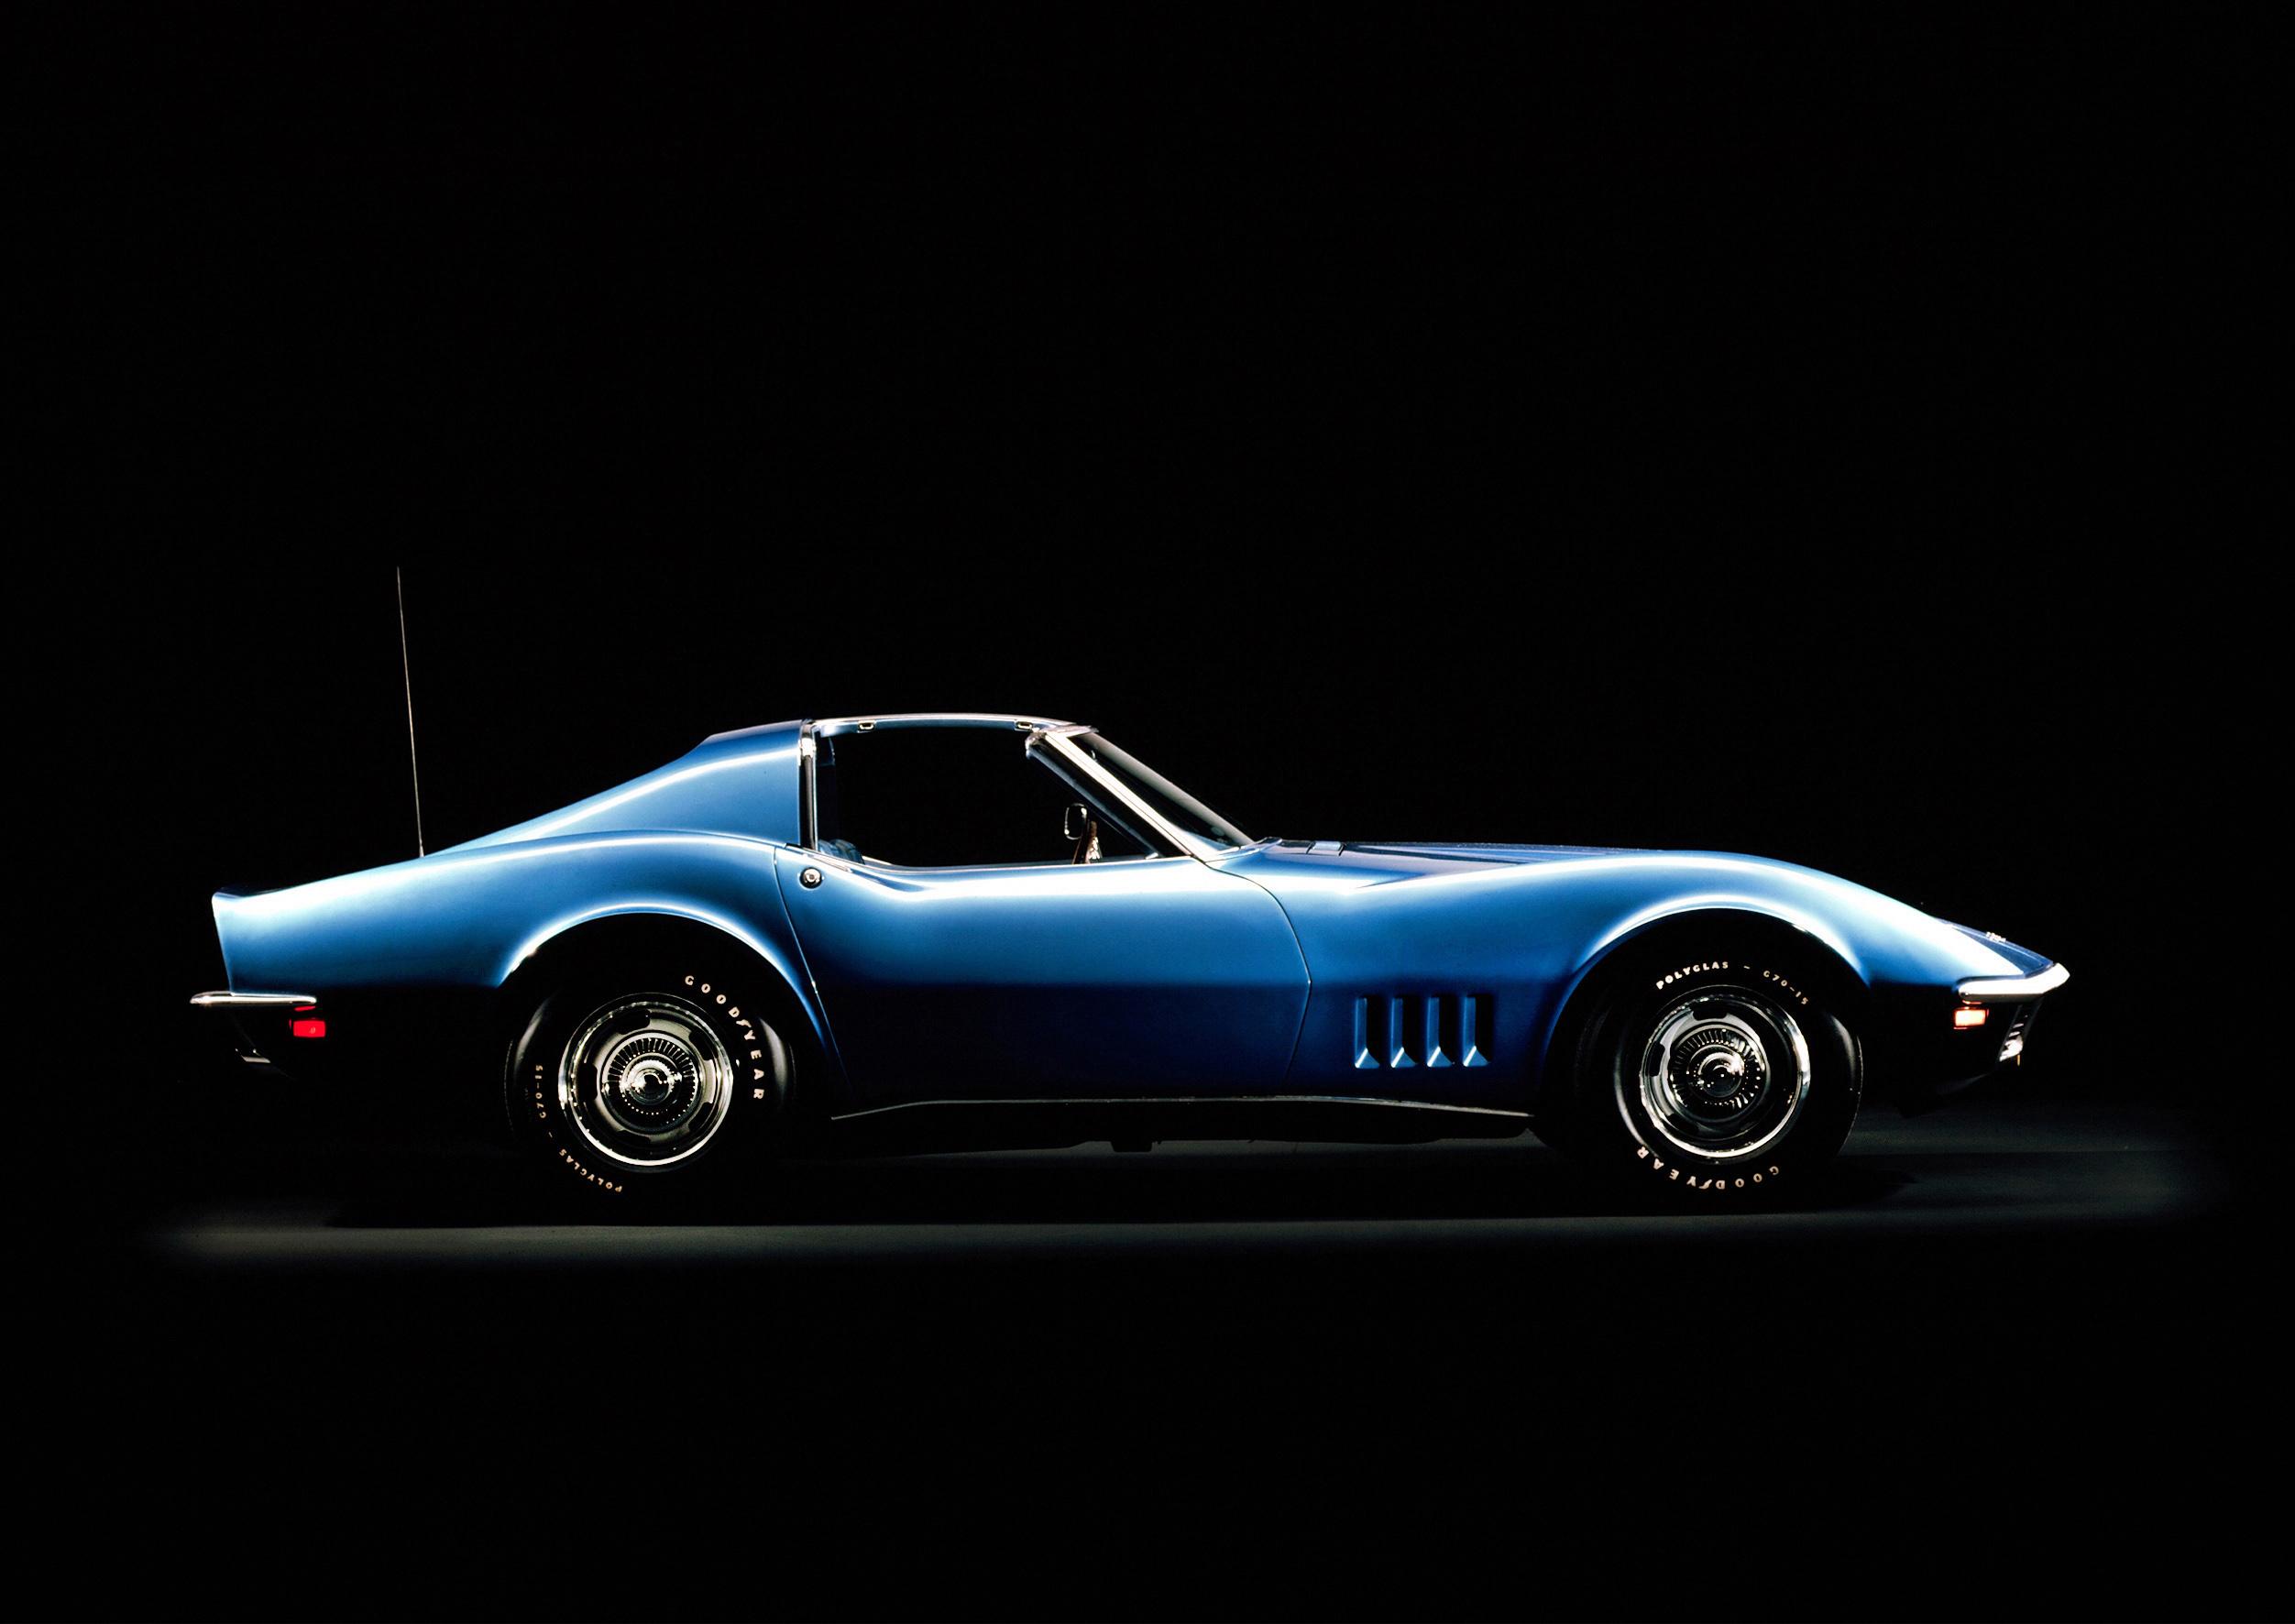 About Corvette National Corvette Museum